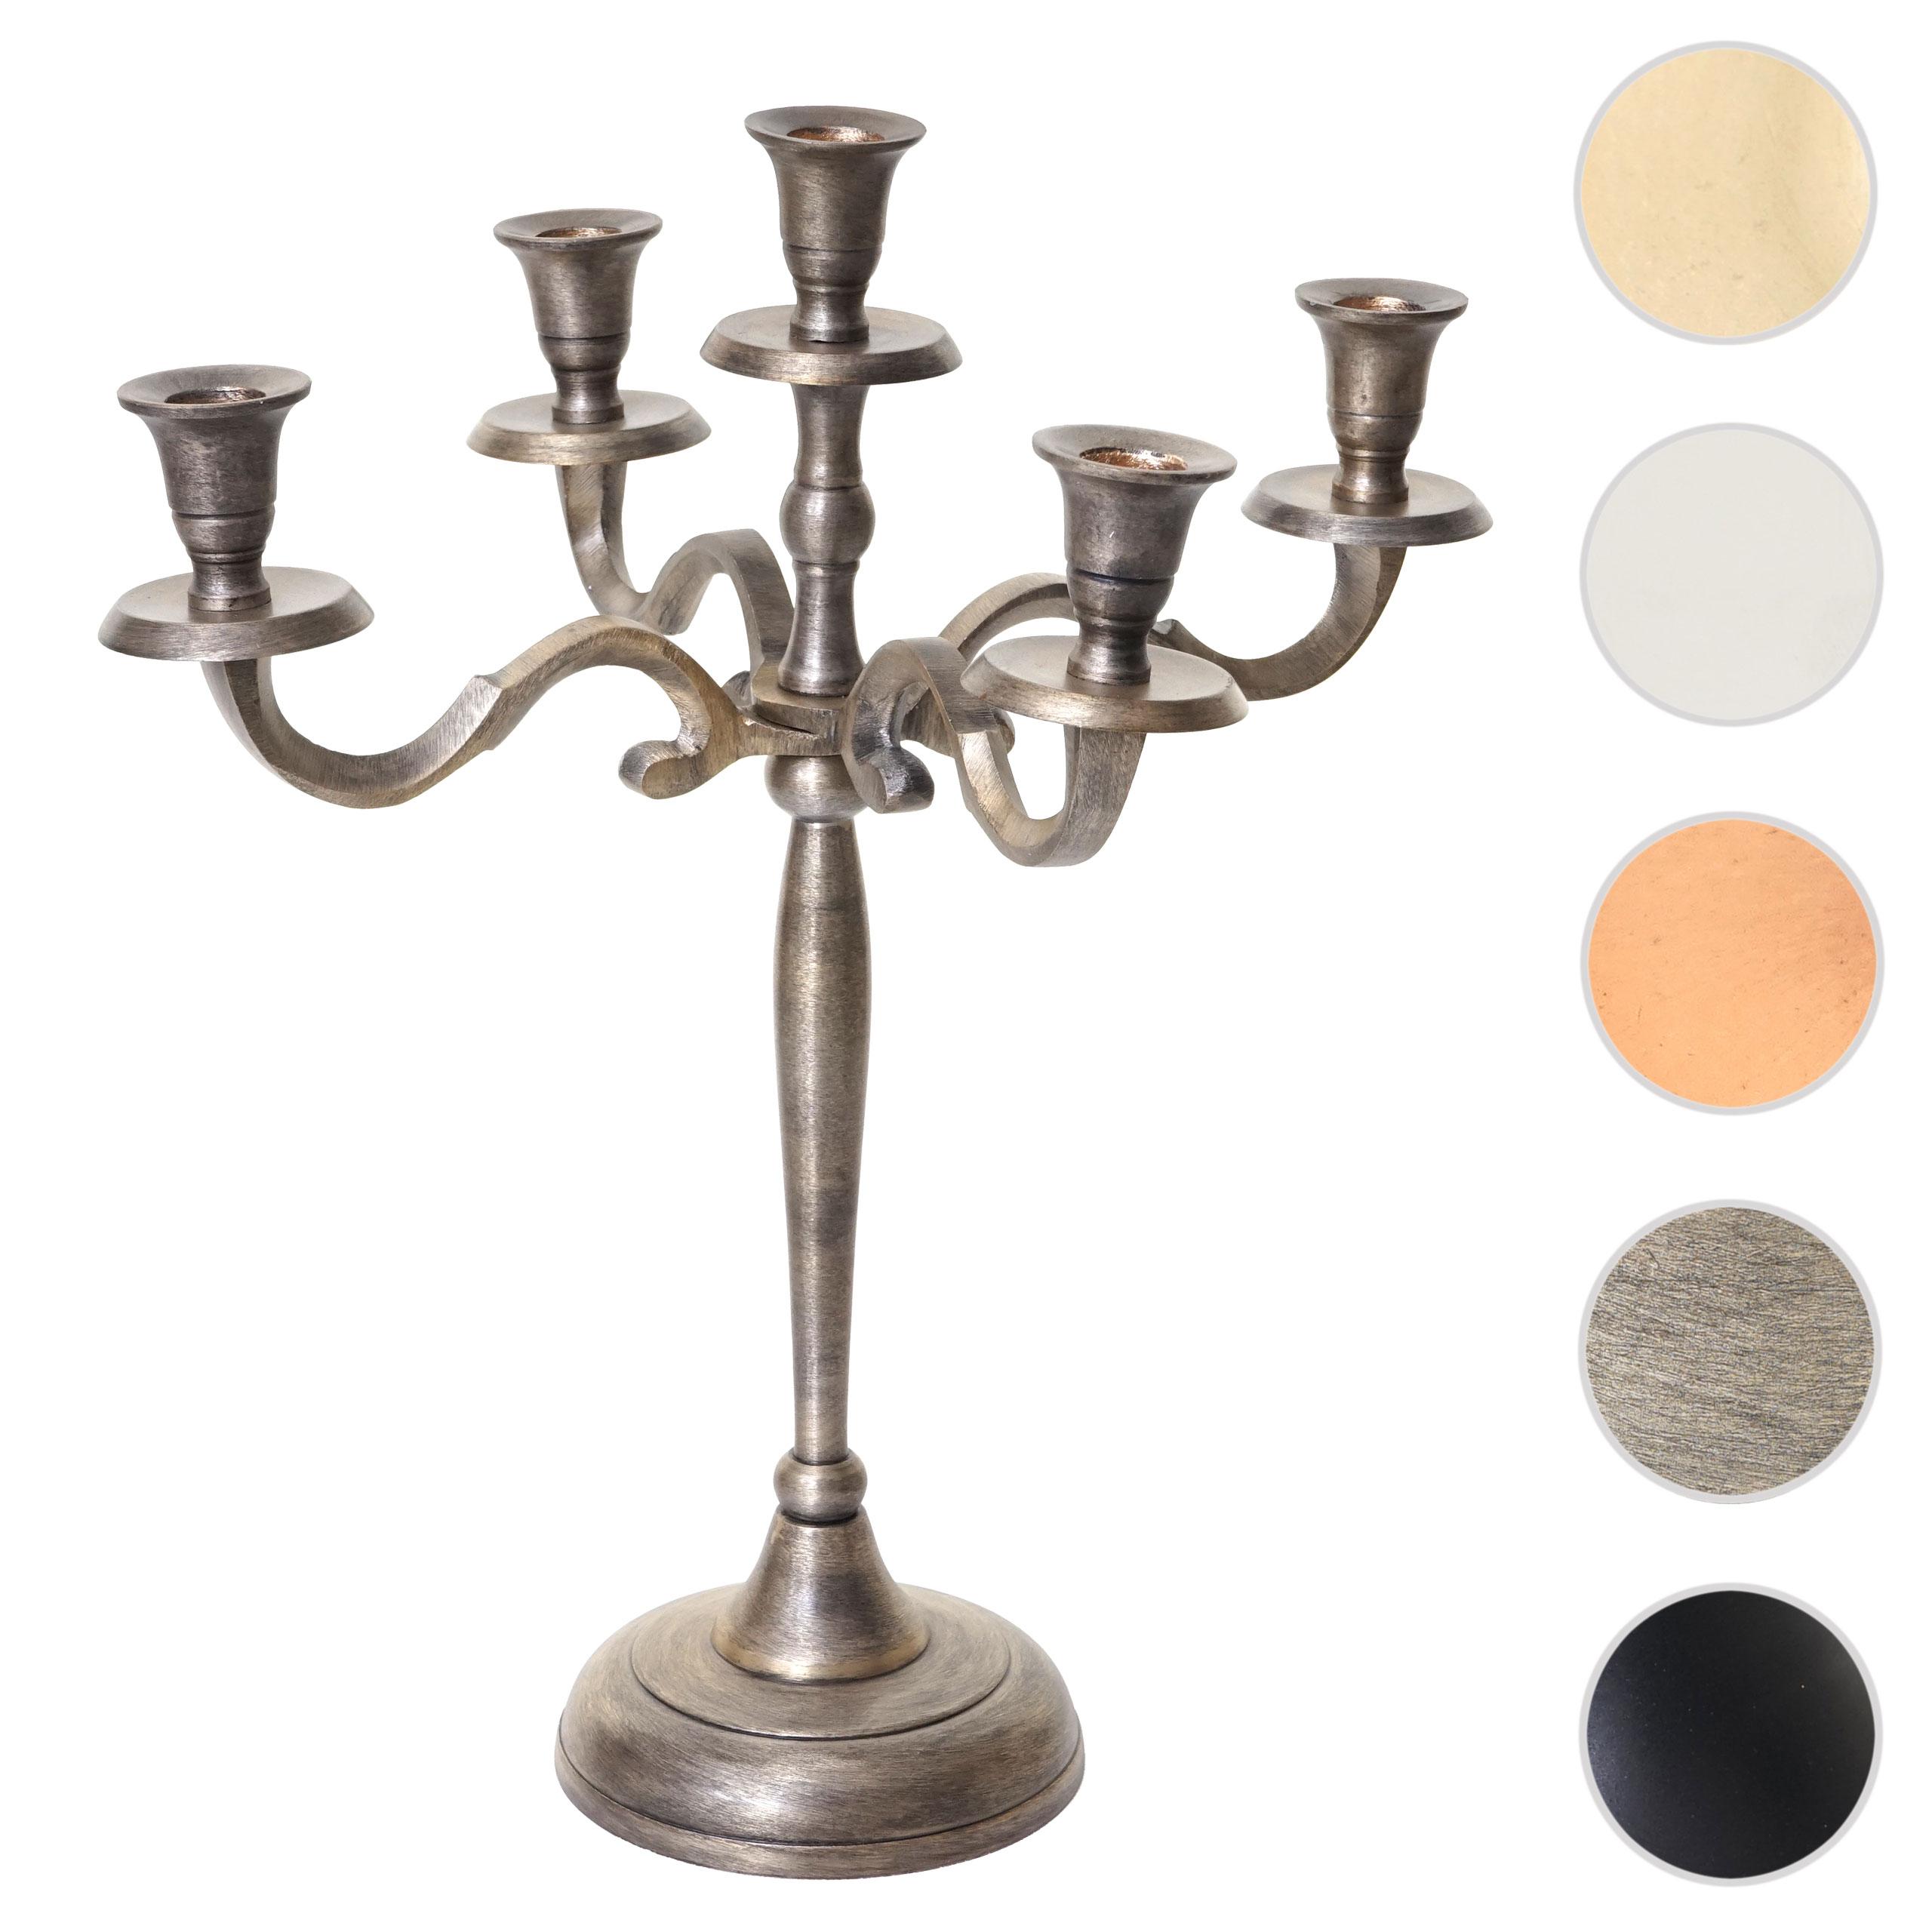 Mendler Kerzenleuchter HWC-D81, Kerzenständer Leuchter Kerzenhalter, 5-armig aus Aluminium 41cm massiv 1kg ~ 64486